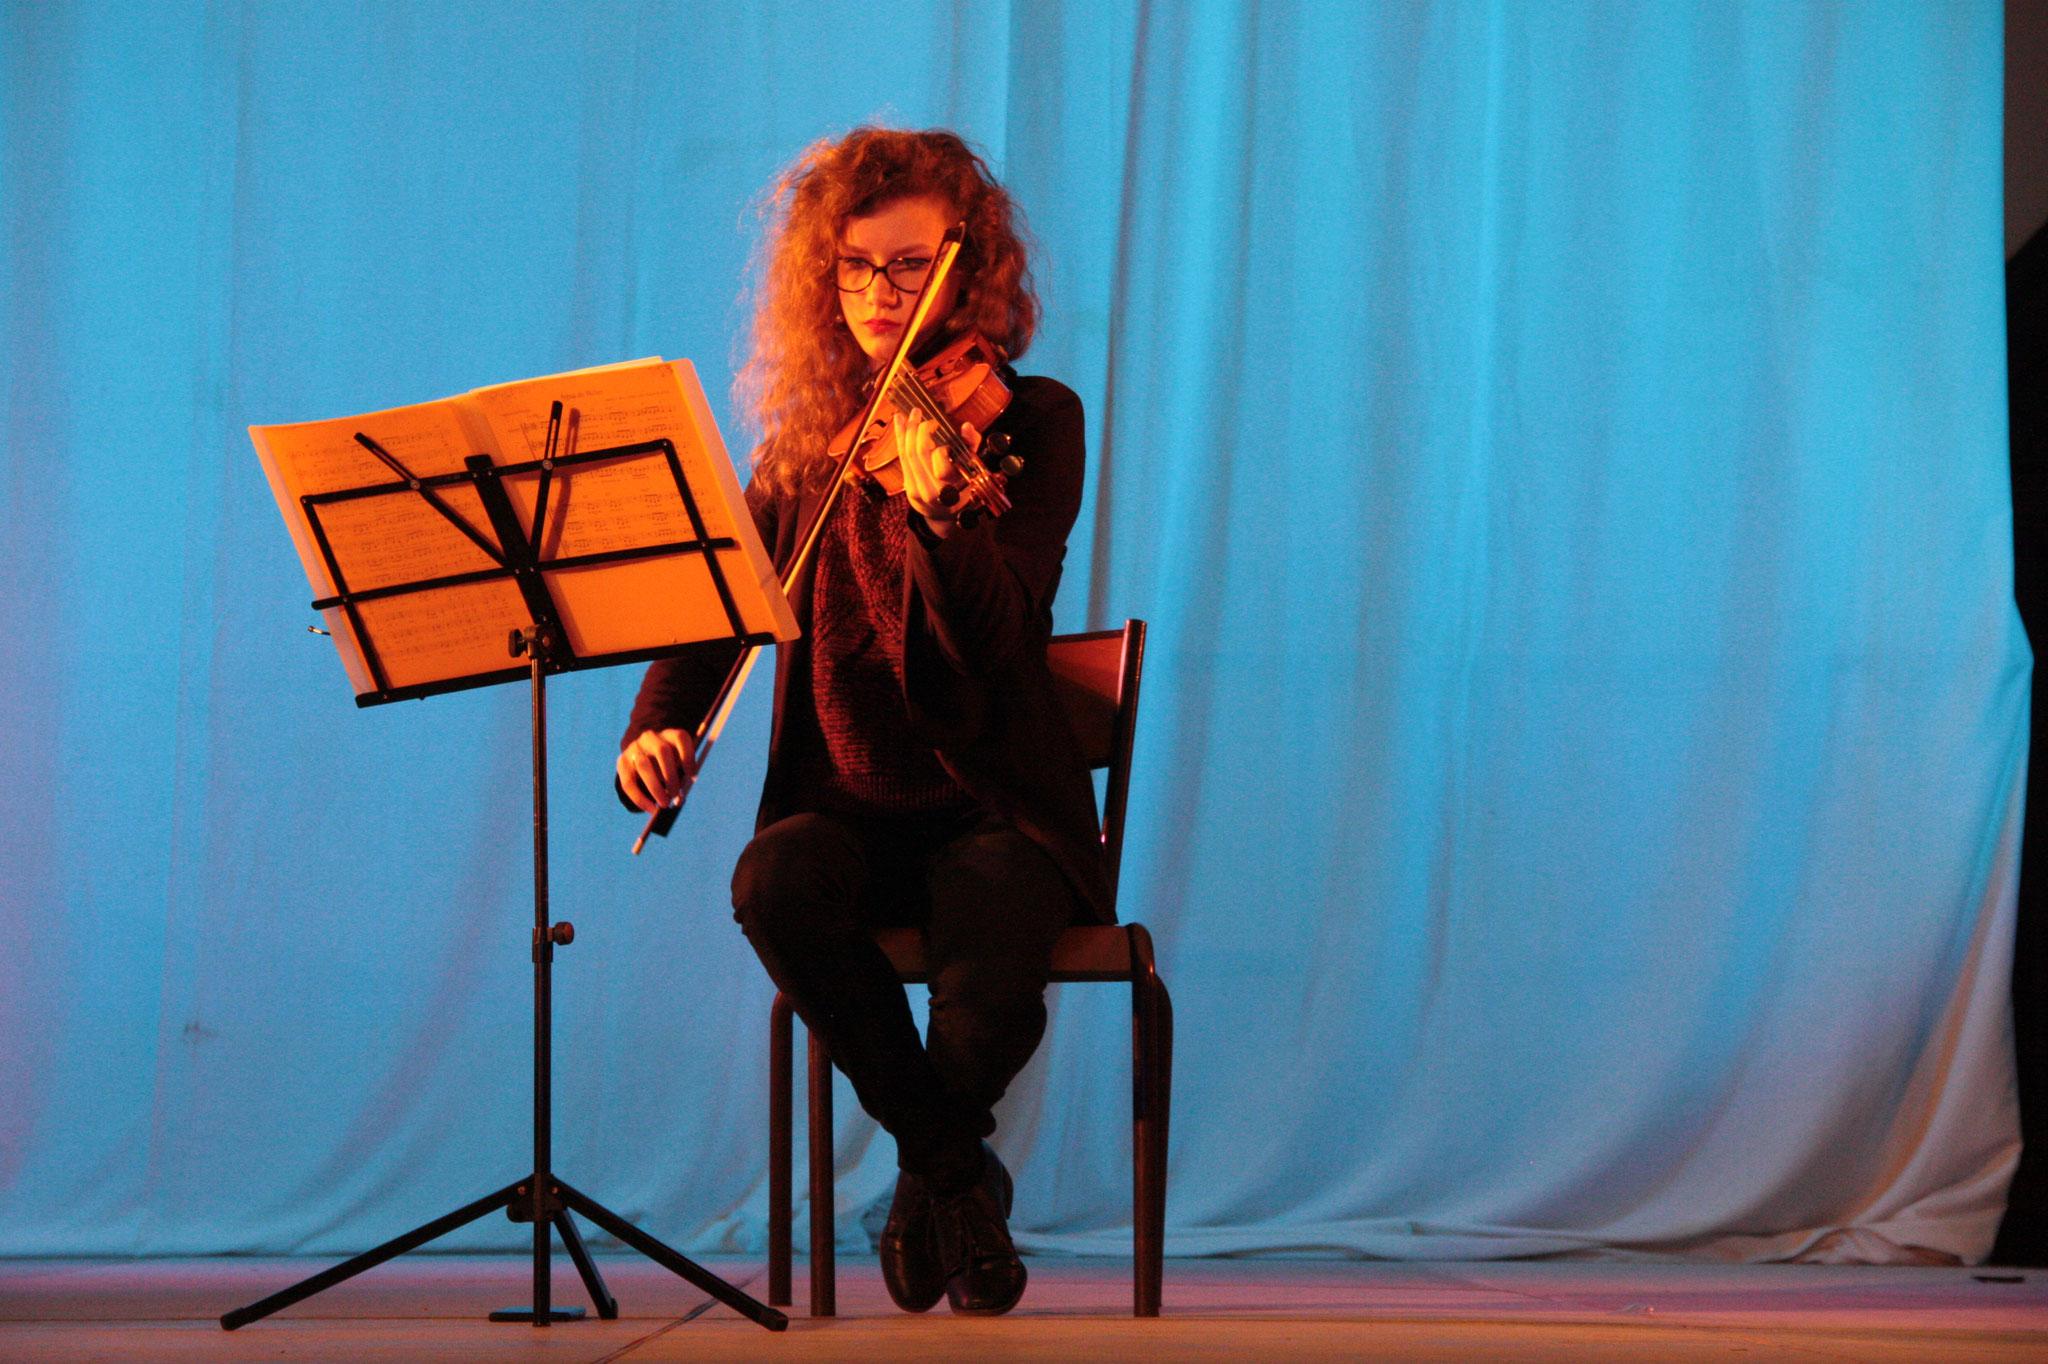 Marie, jeune violoniste